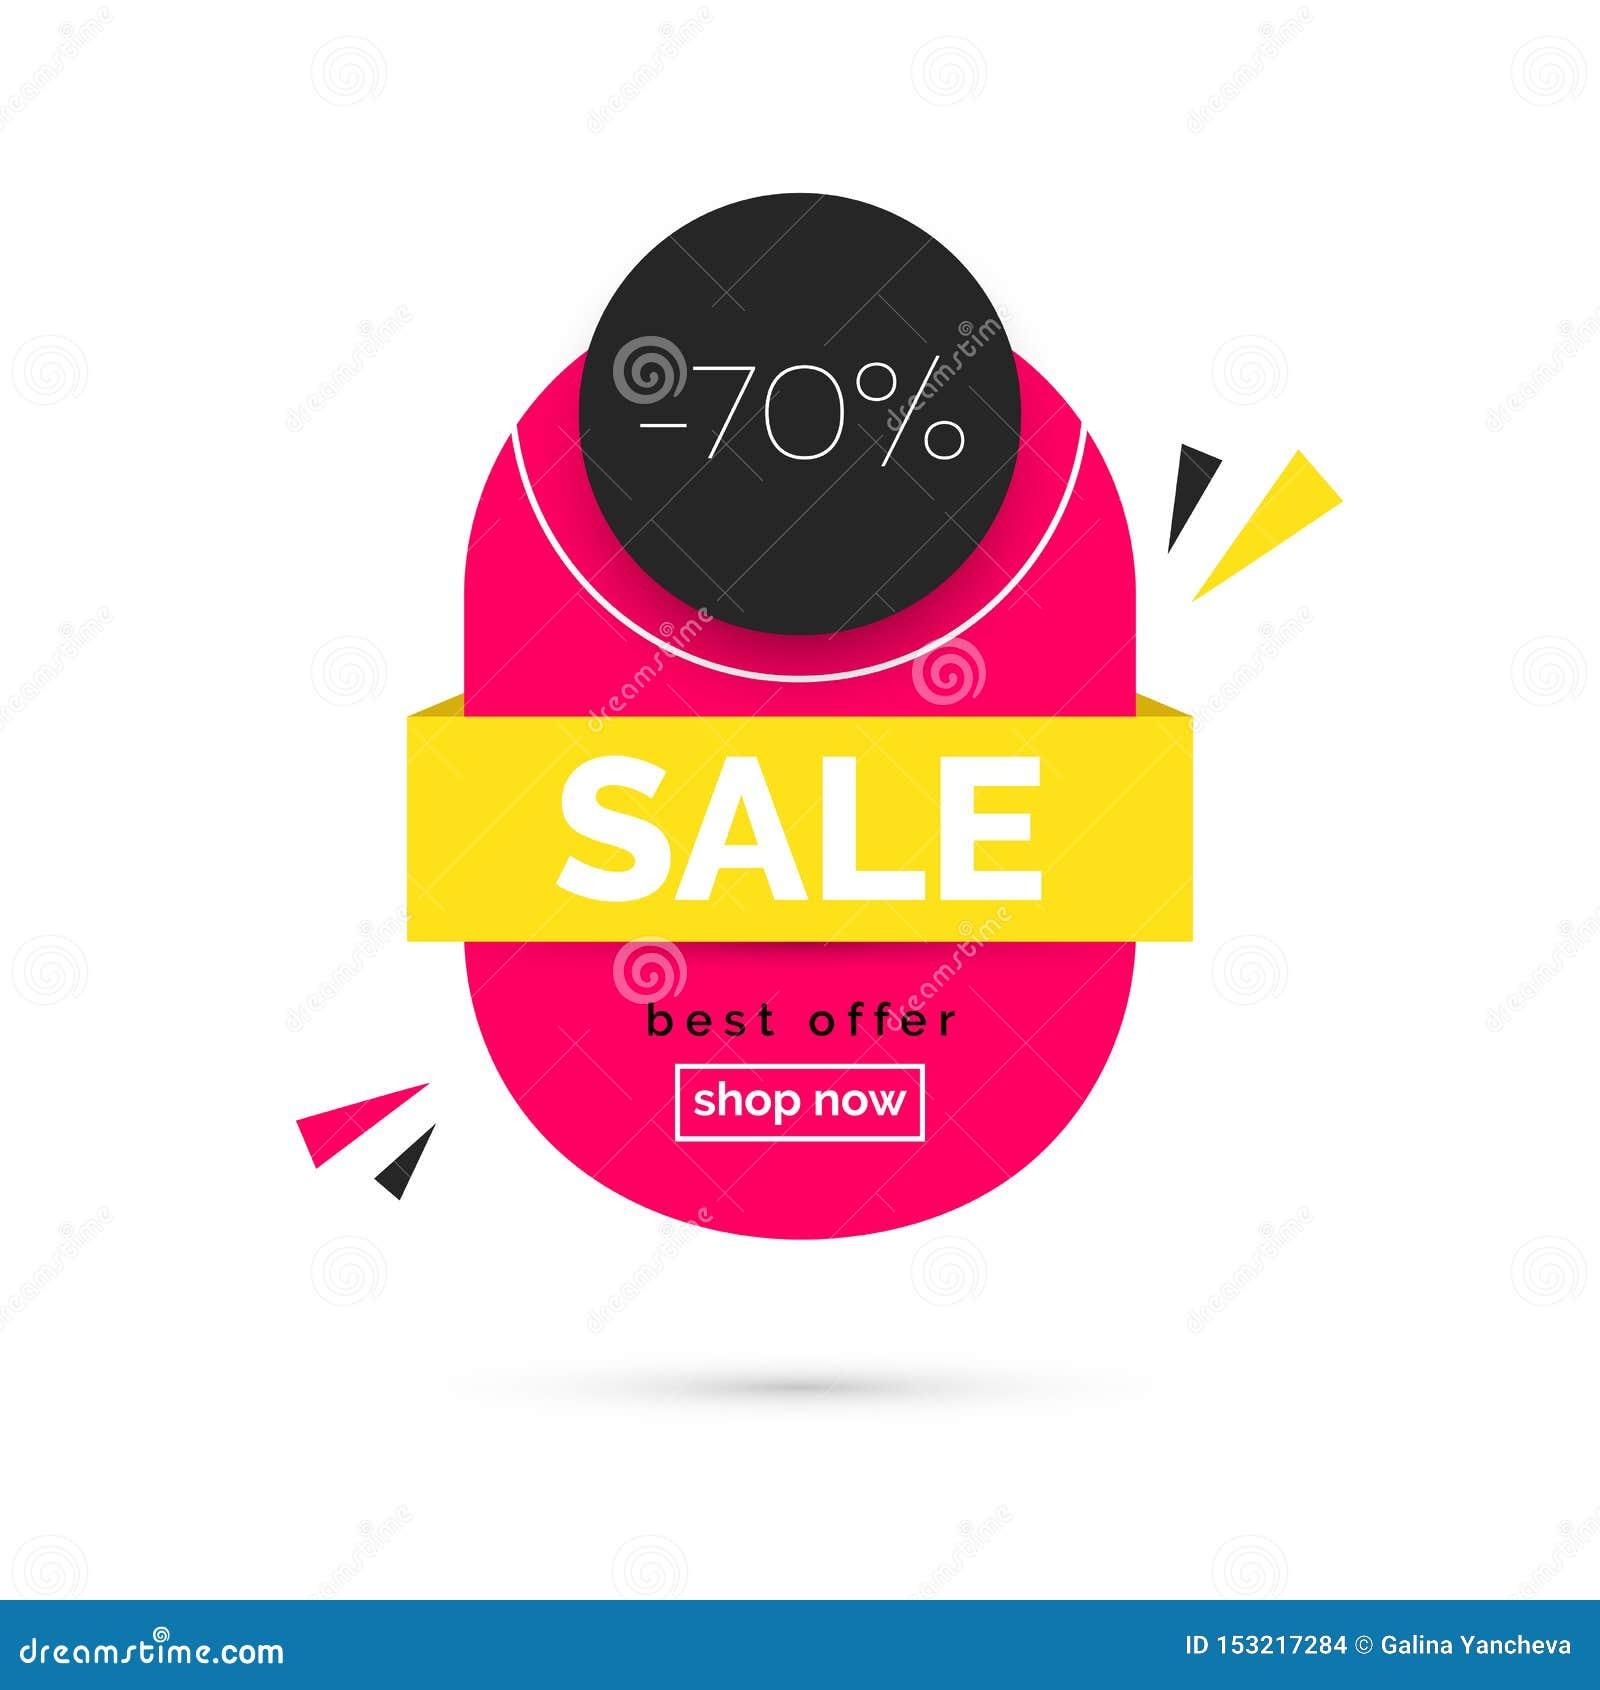 Έμβλημα πώλησης, πρότυπο για την κοινωνική μετα προώθηση στα μέσα μαζικής ενημέρωσης